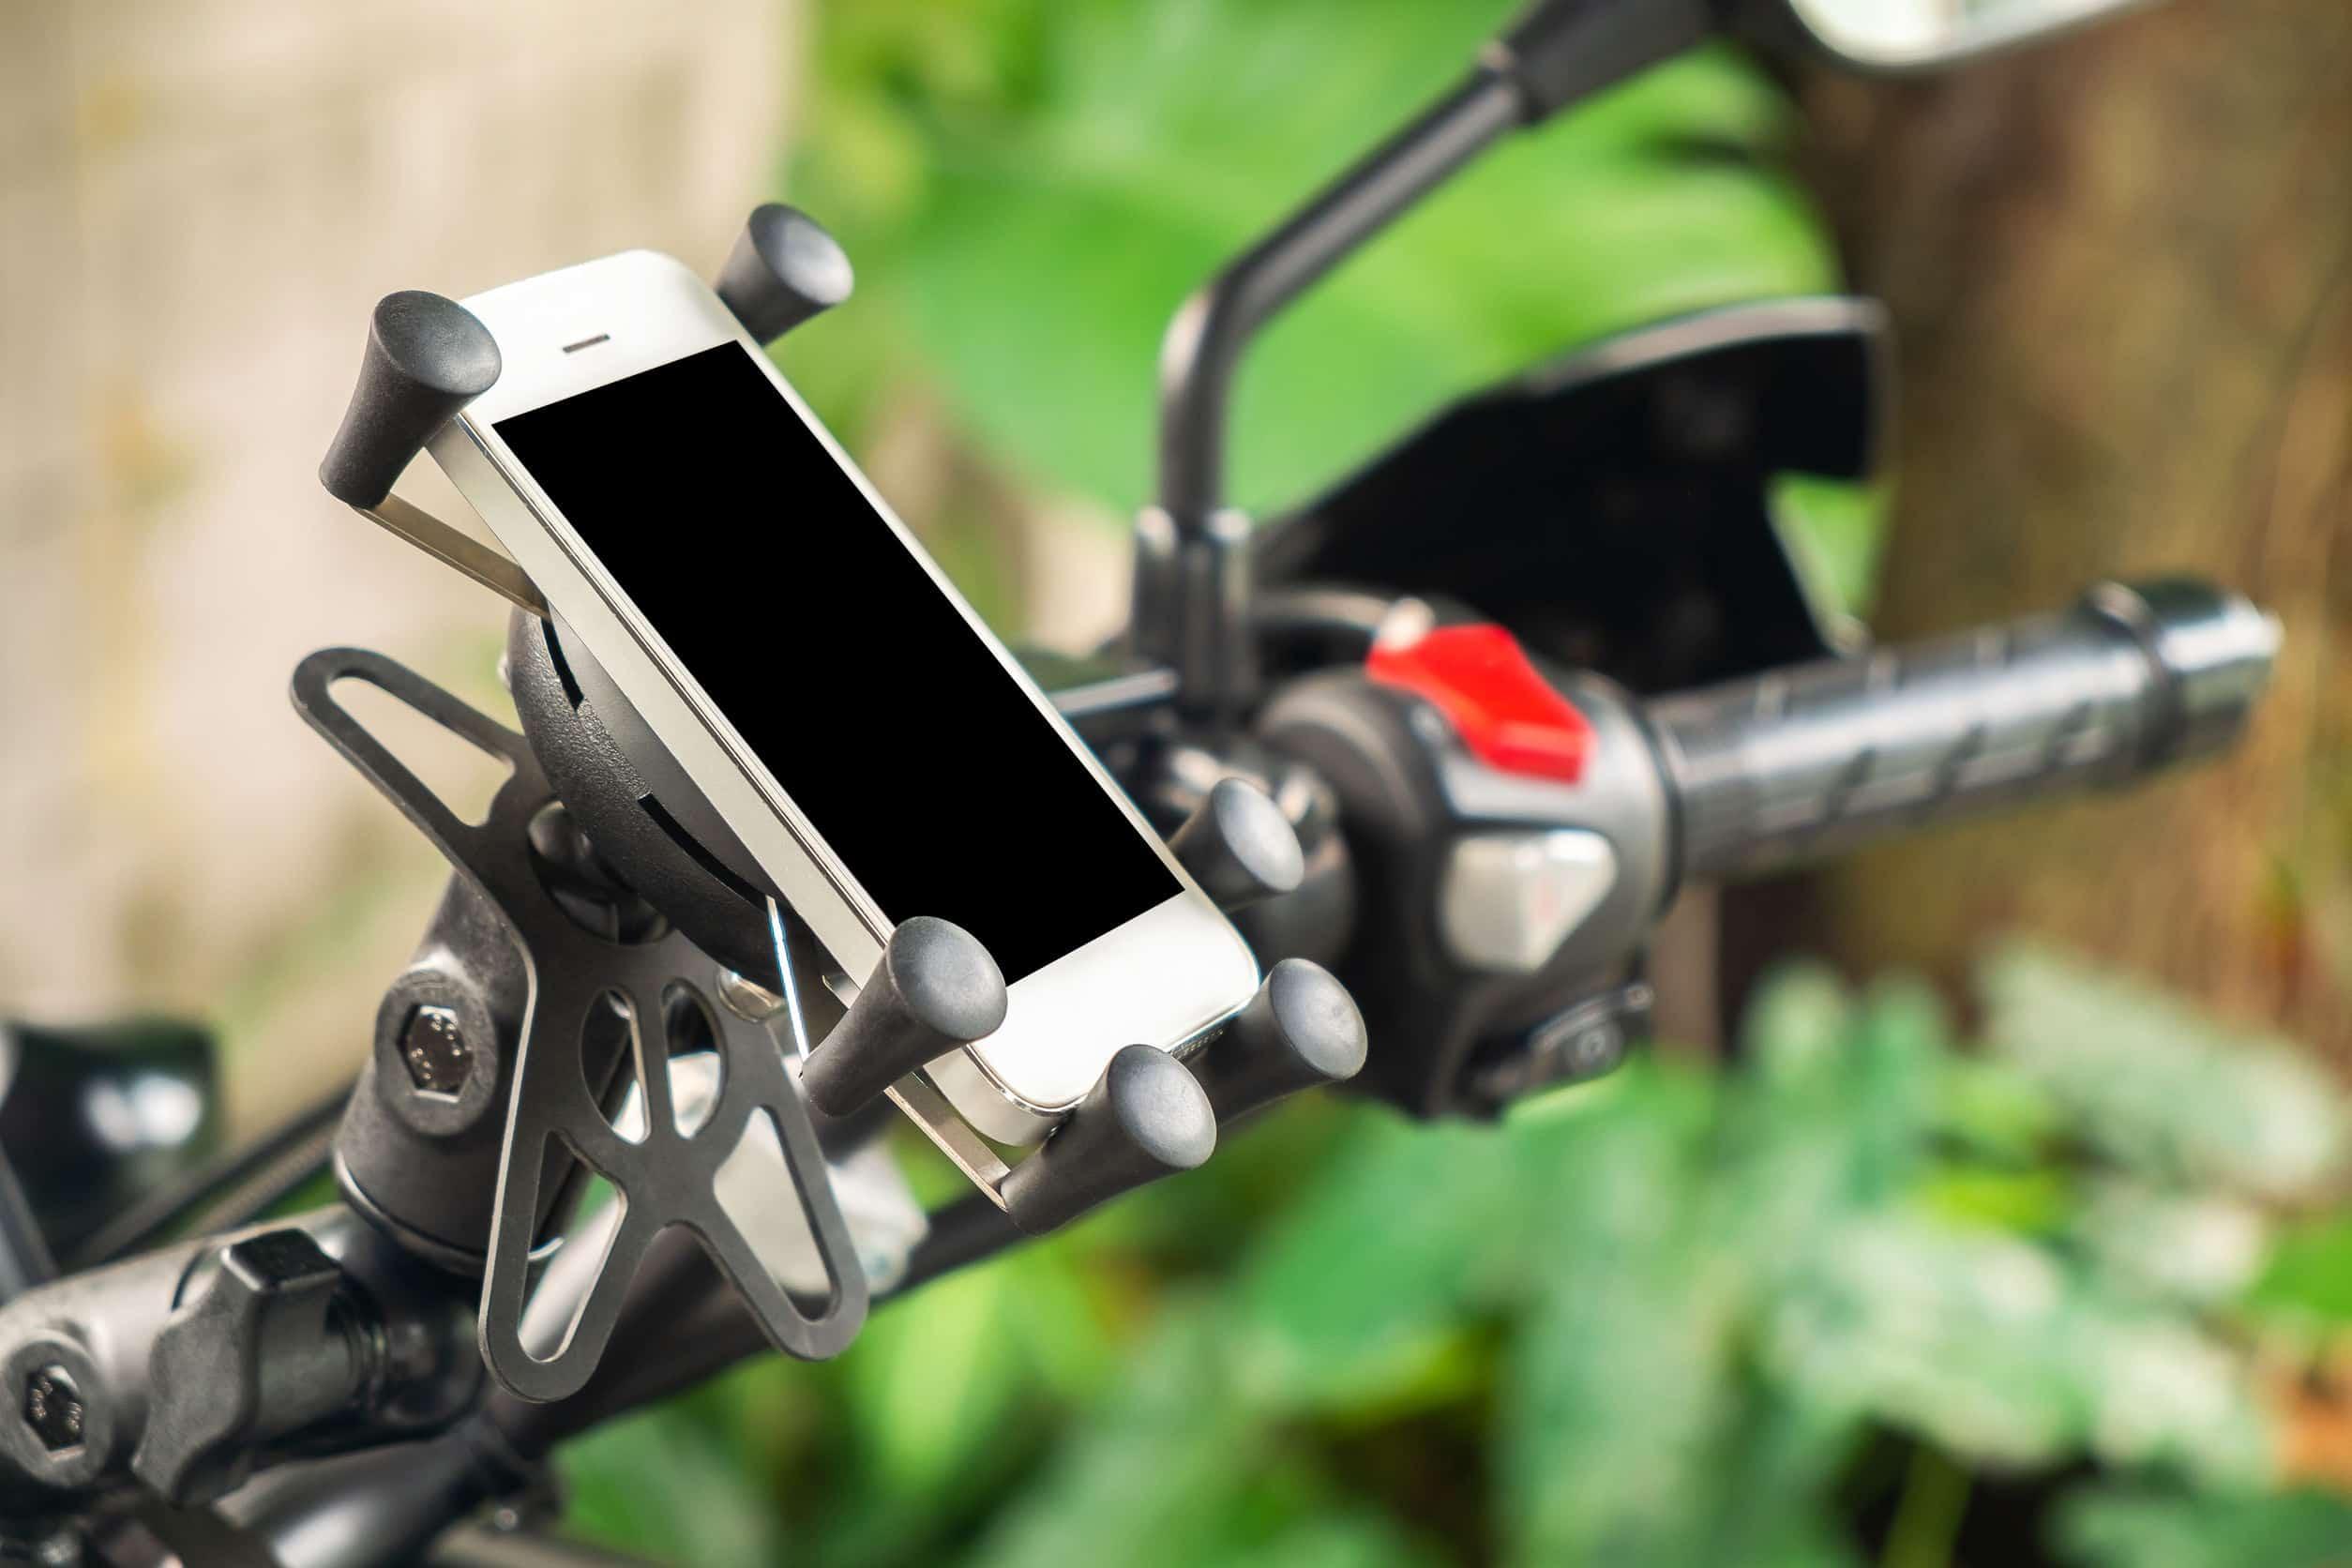 Handyhalterung fürs Fahrrad: Test & Empfehlungen (08/20)